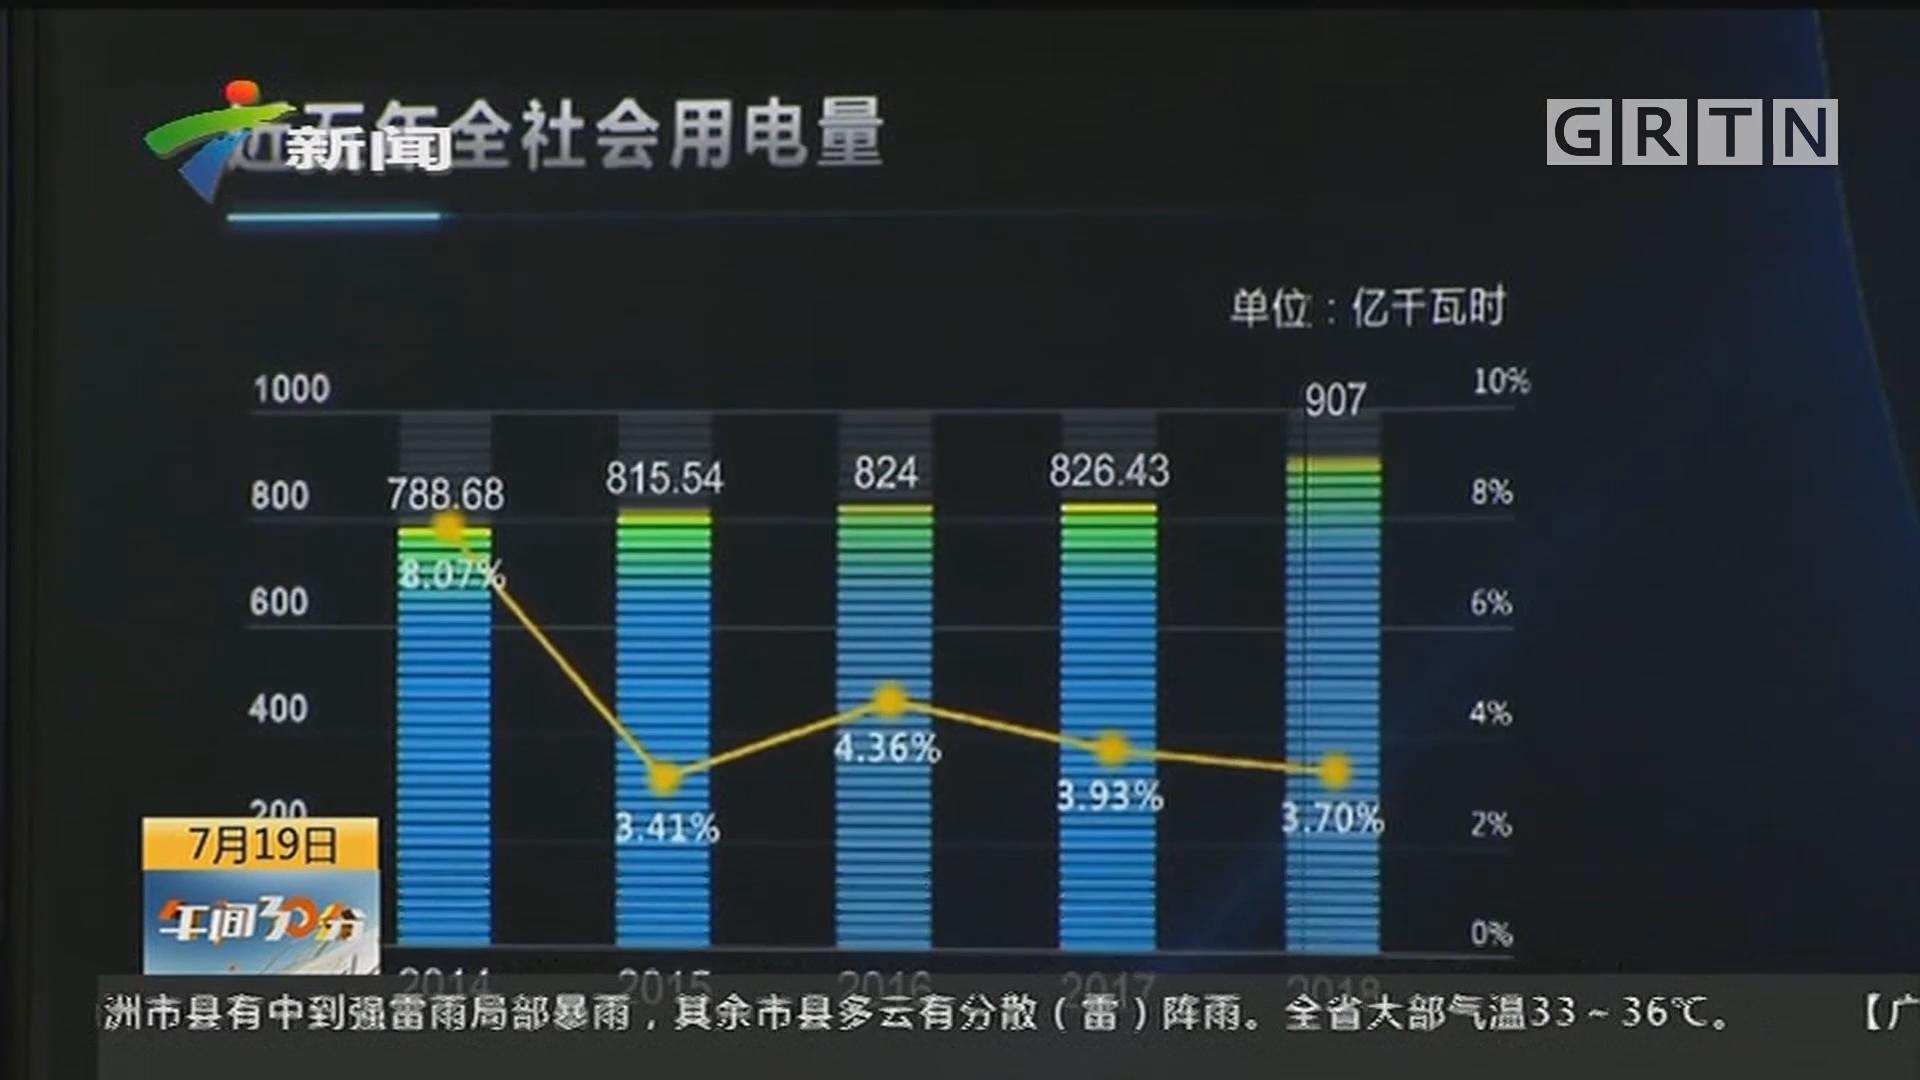 深圳:突破1900万千瓦!深圳电网统调负荷再创历史新高